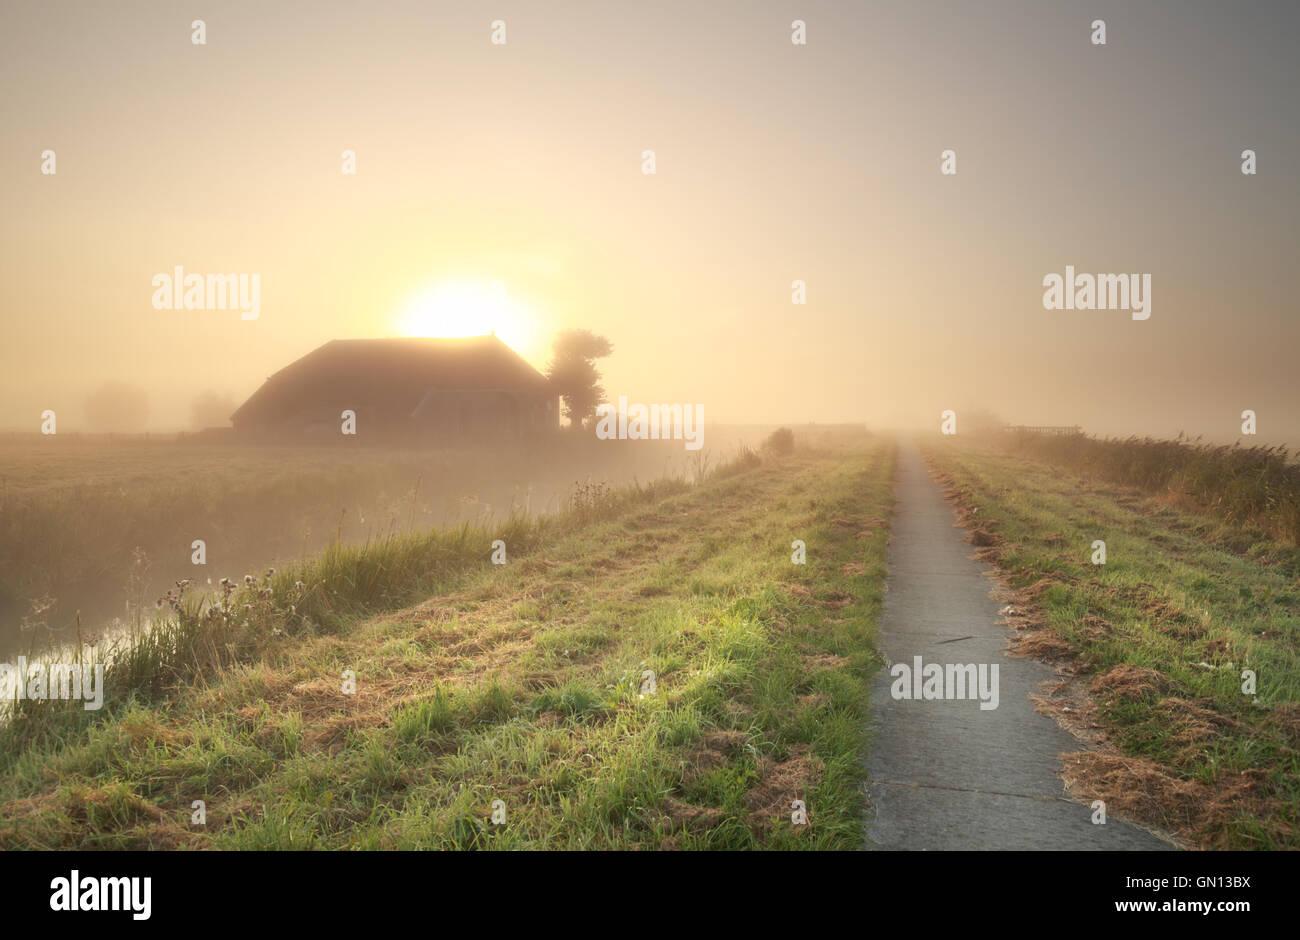 Terres agricoles à misty sunrise, Pays-Bas Photo Stock